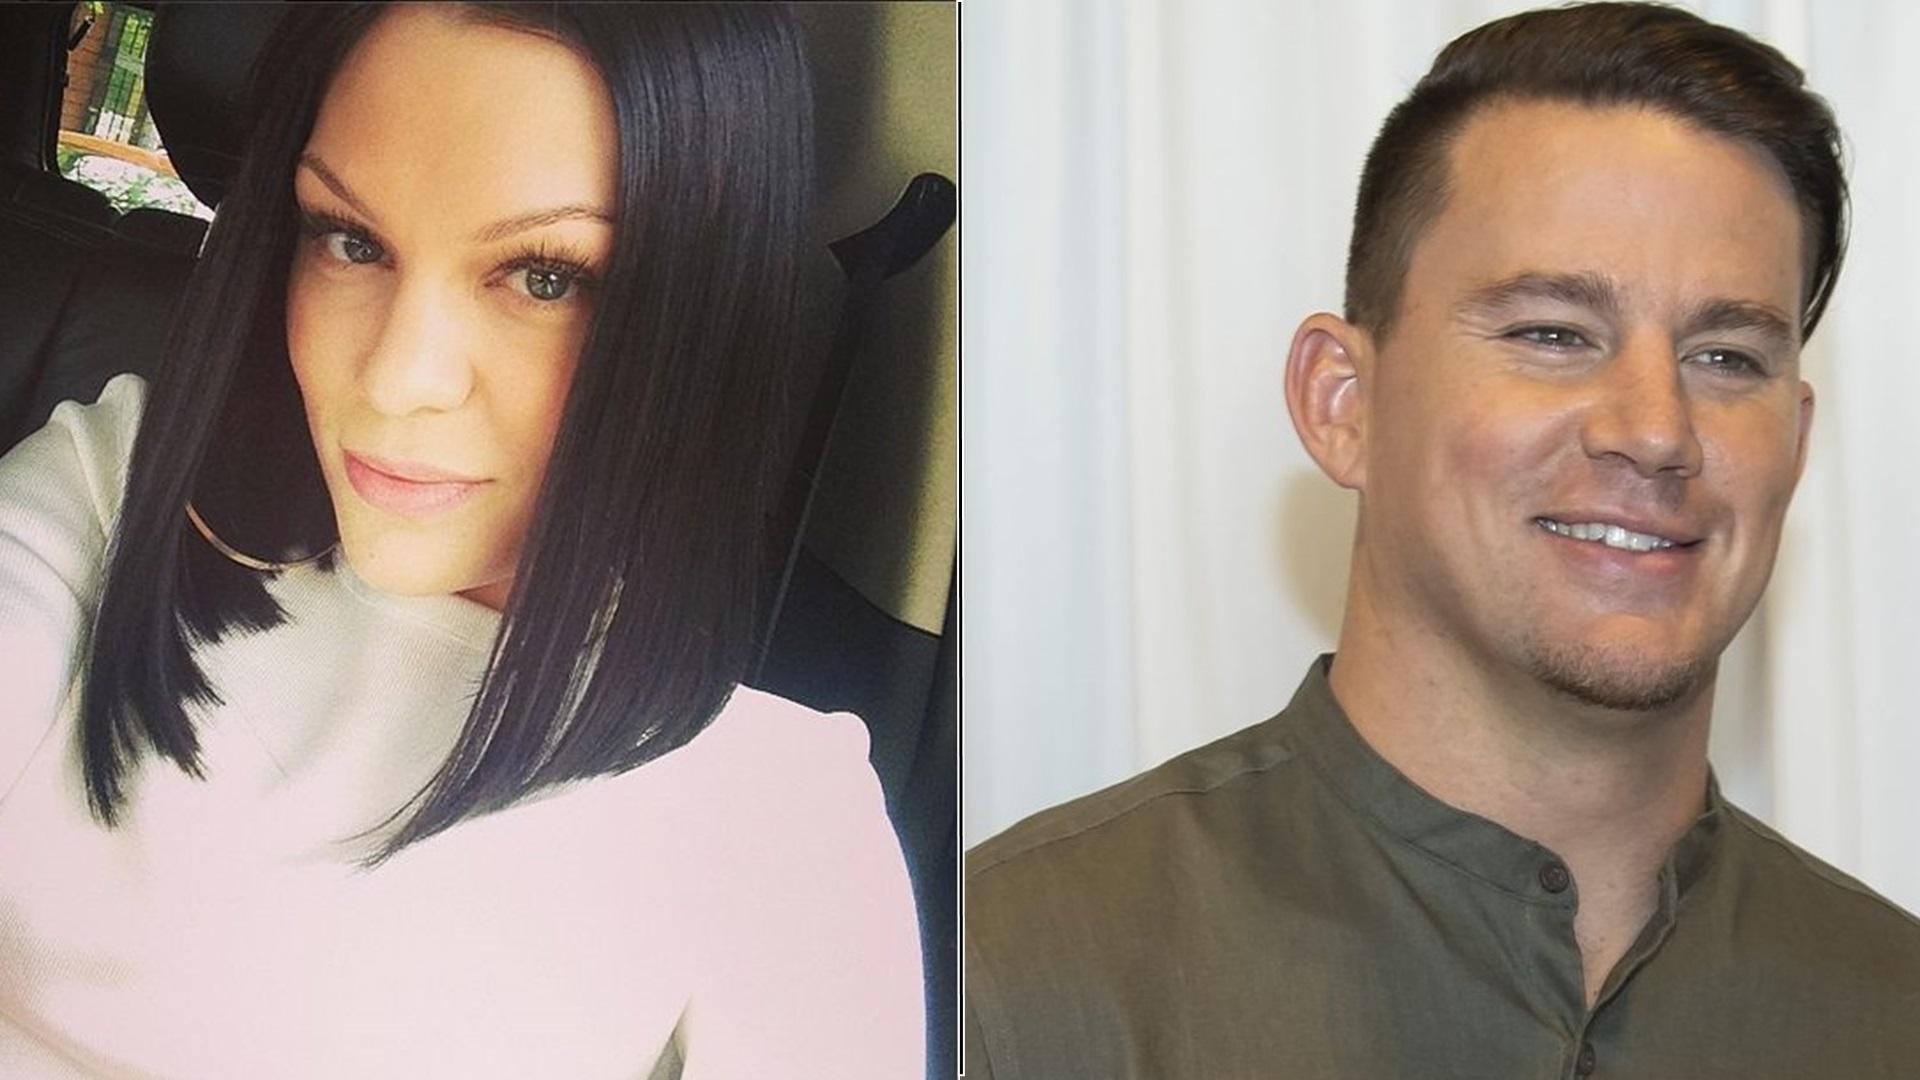 Aktor z Magic Mike już zajęty. Channing Tatum i Jessie J potwierdzili swój związek